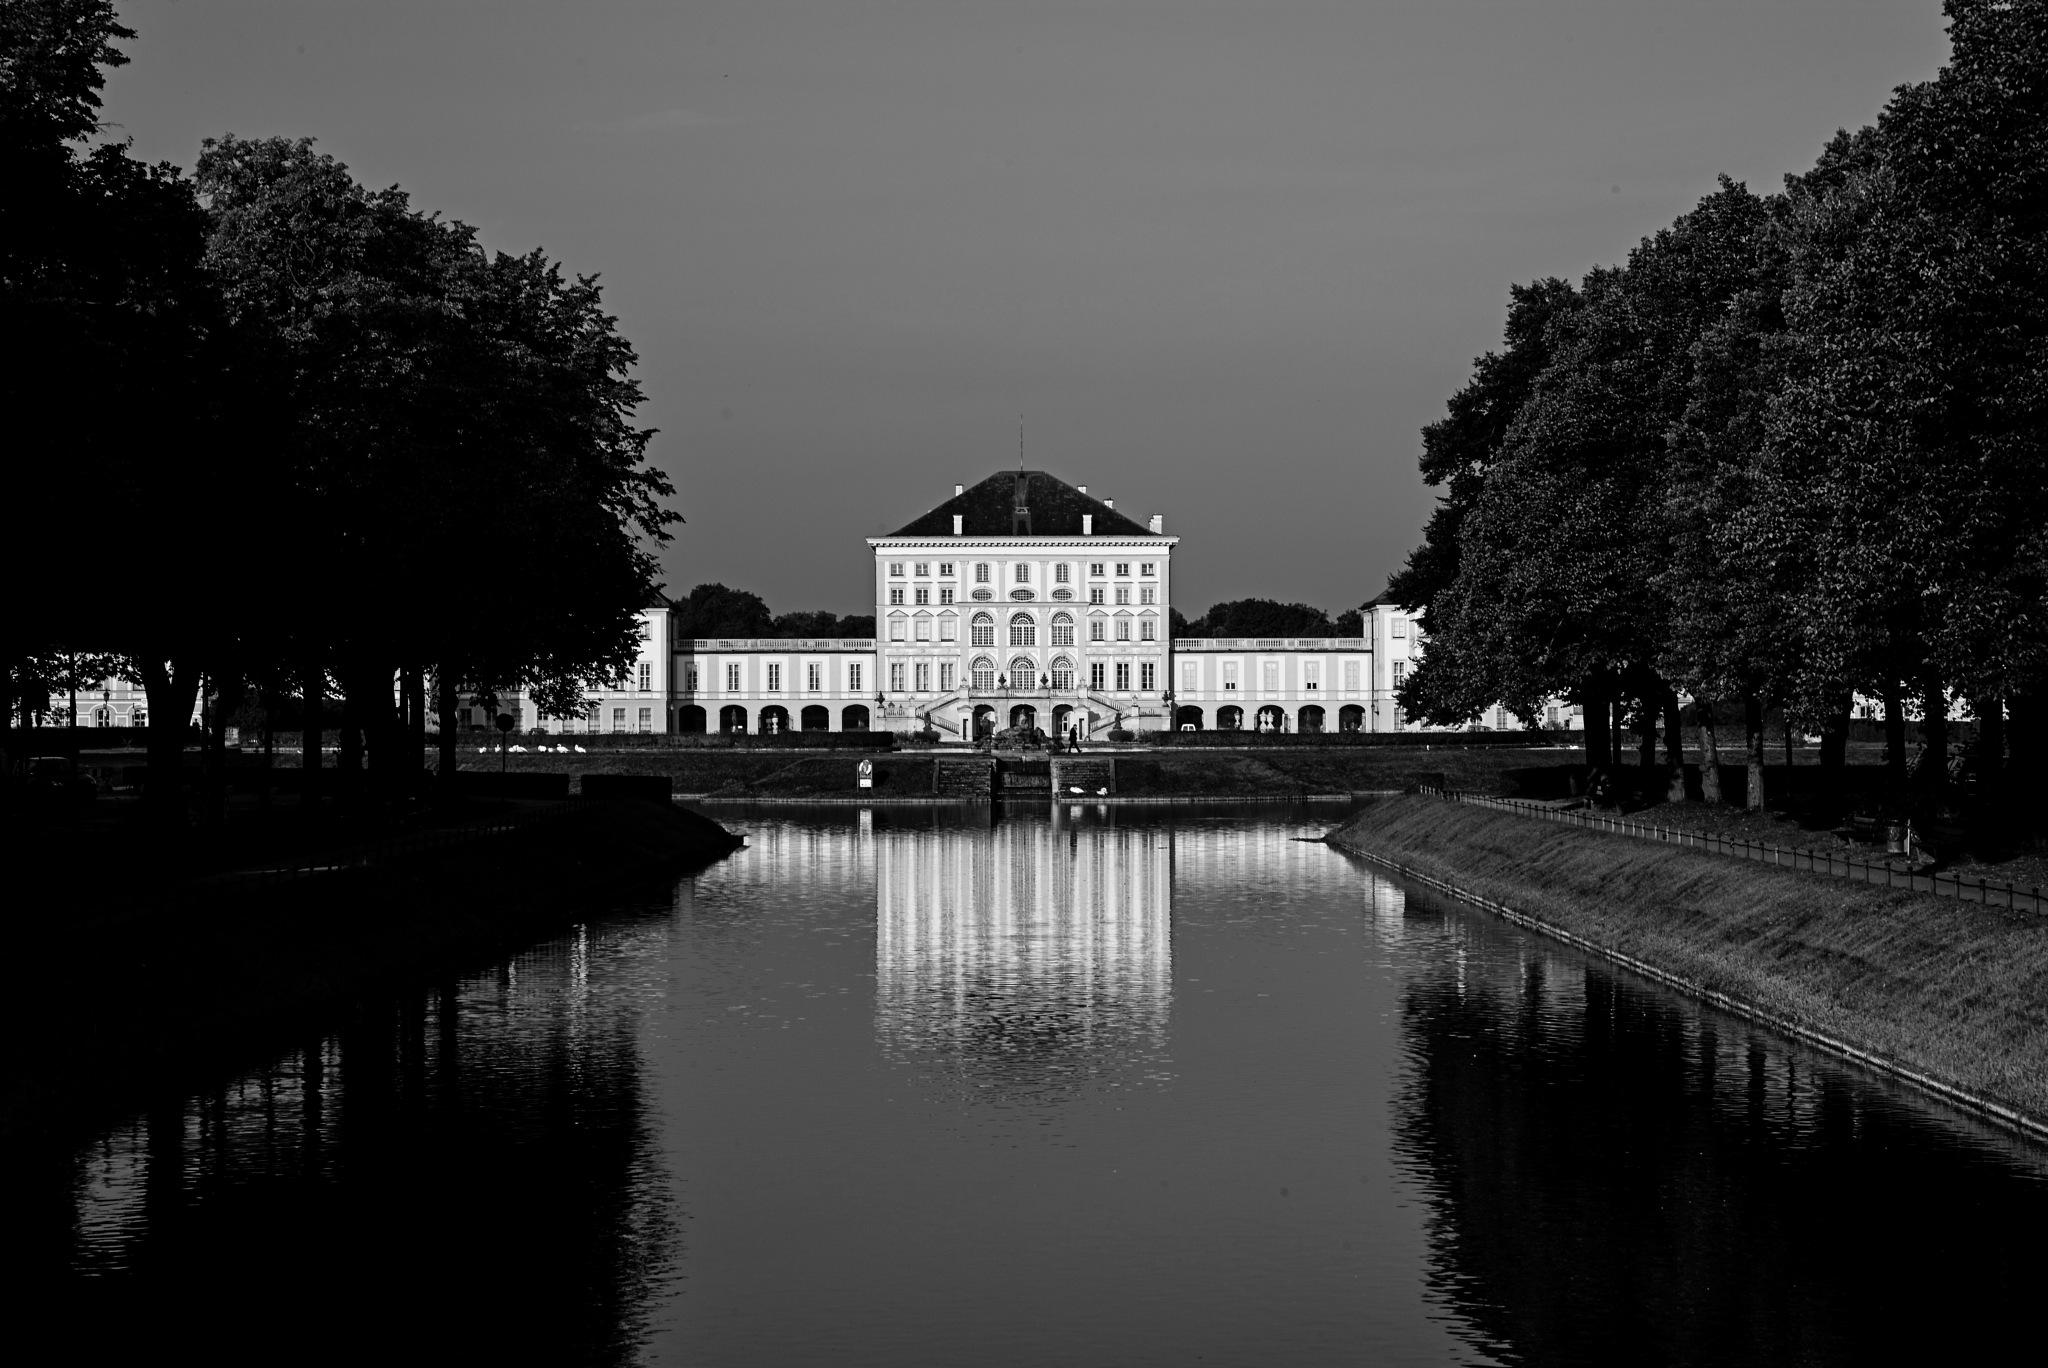 Nymphenburger Schloss by Ulrich Gerndt